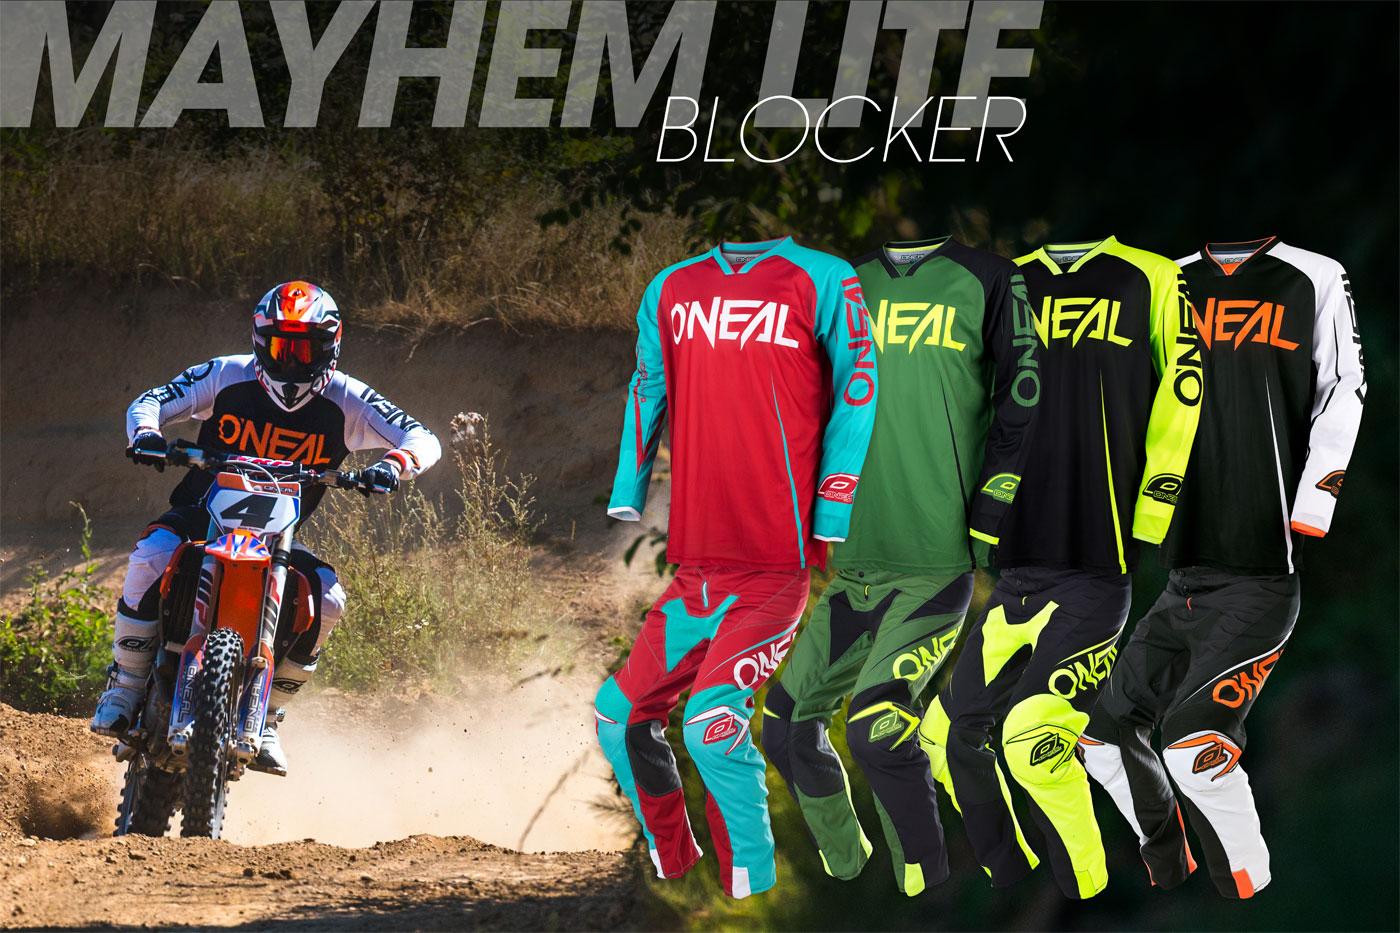 oneal-mayhem-blocker-kit-2017